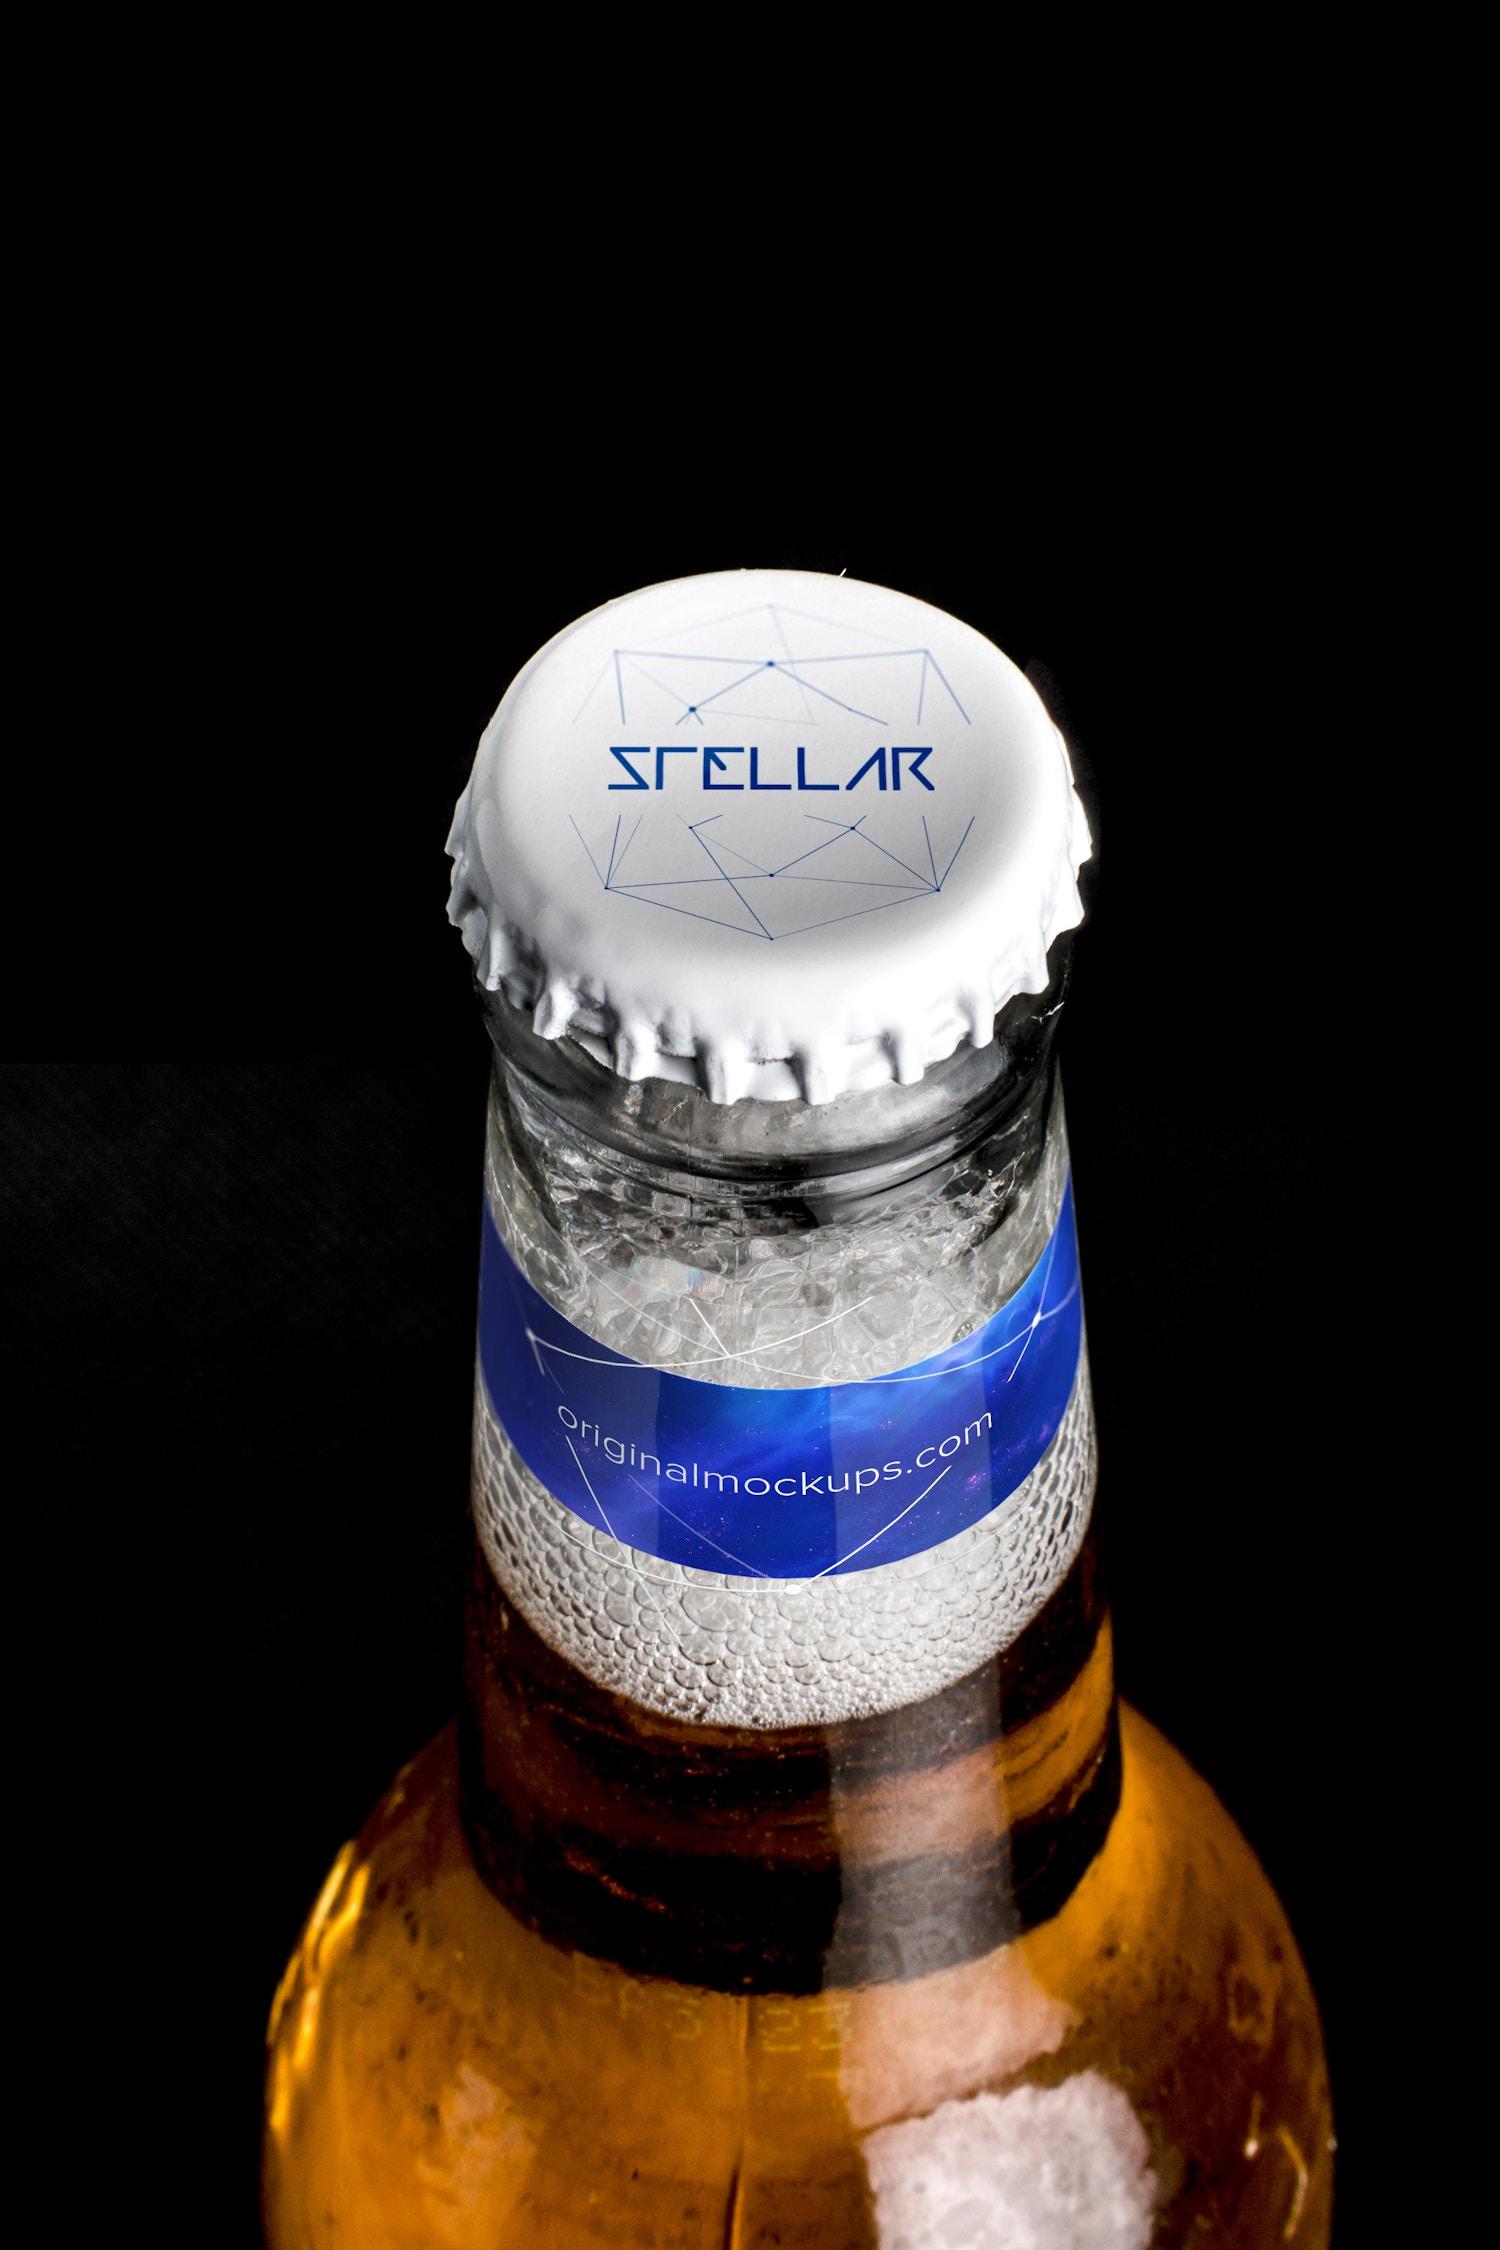 Beer Bottle Cap Mockup 01 por Original Mockups en Original Mockups